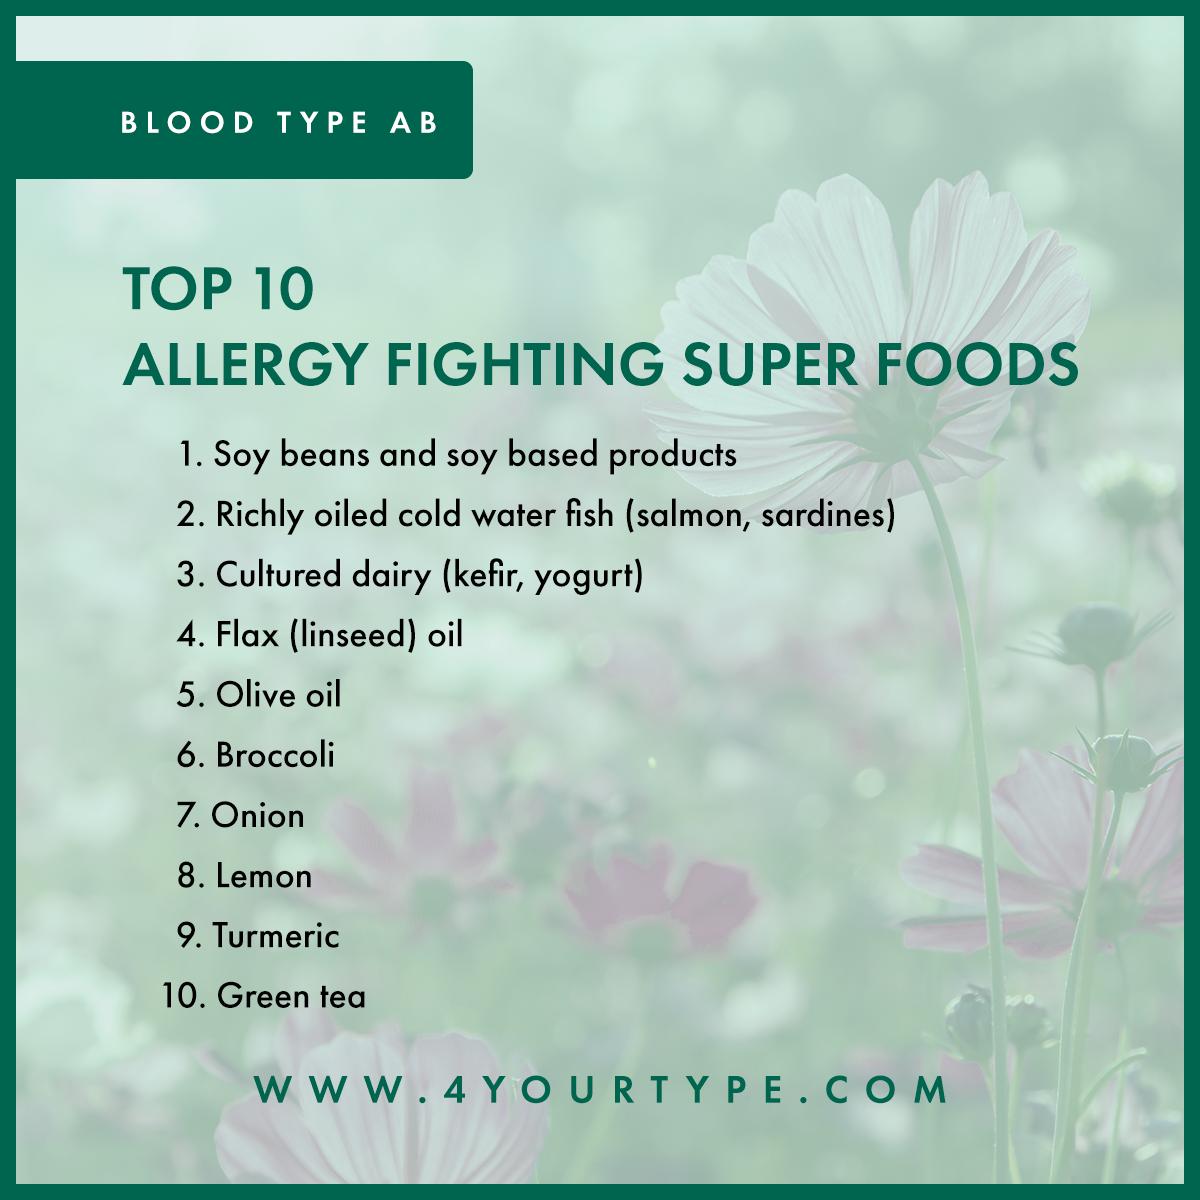 Blood Type AB - Seasonal Allergies